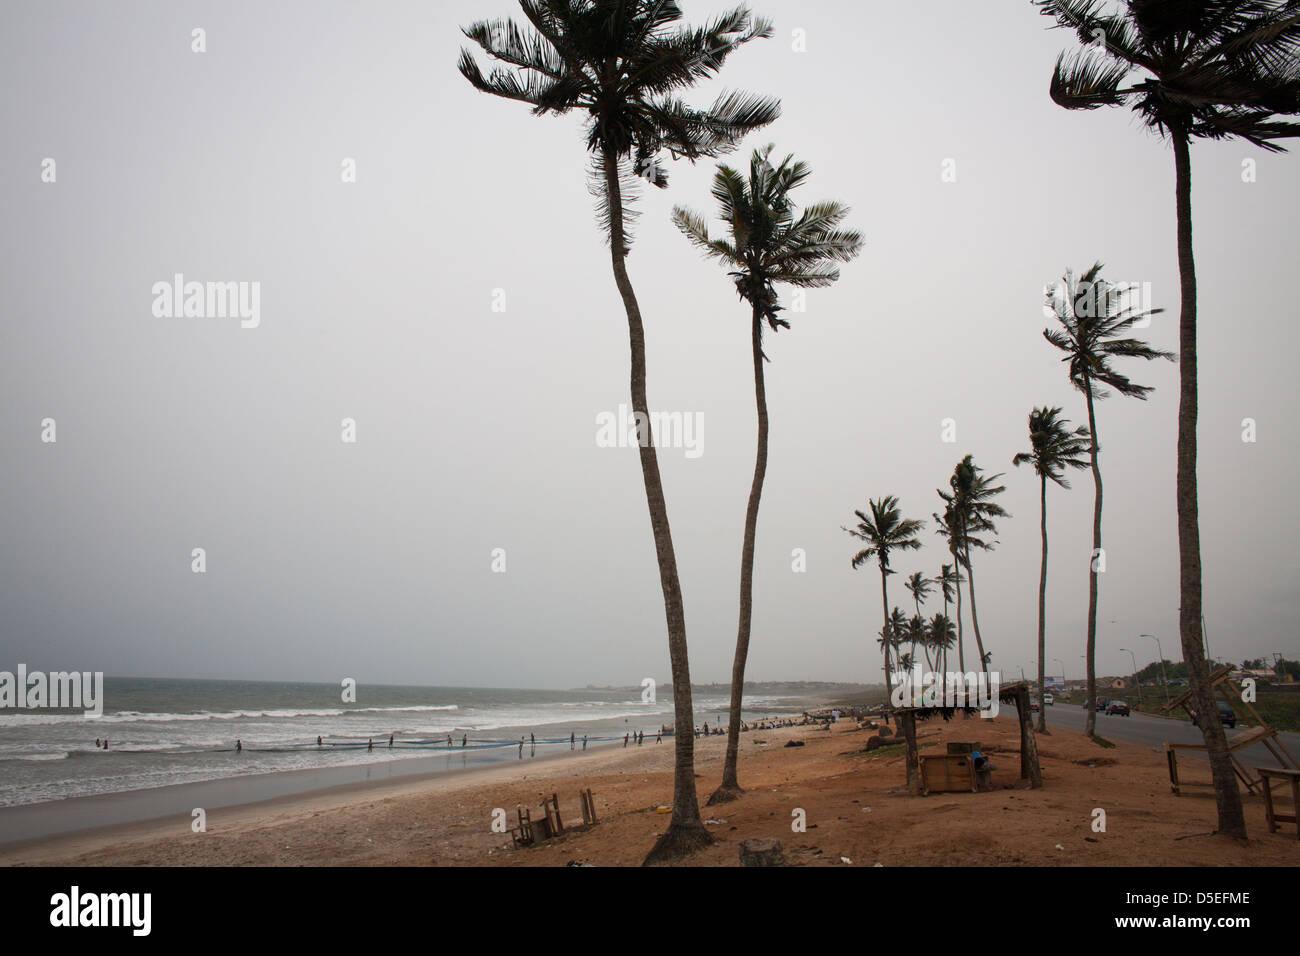 The Atlantic coast near Accra, Ghana. - Stock Image